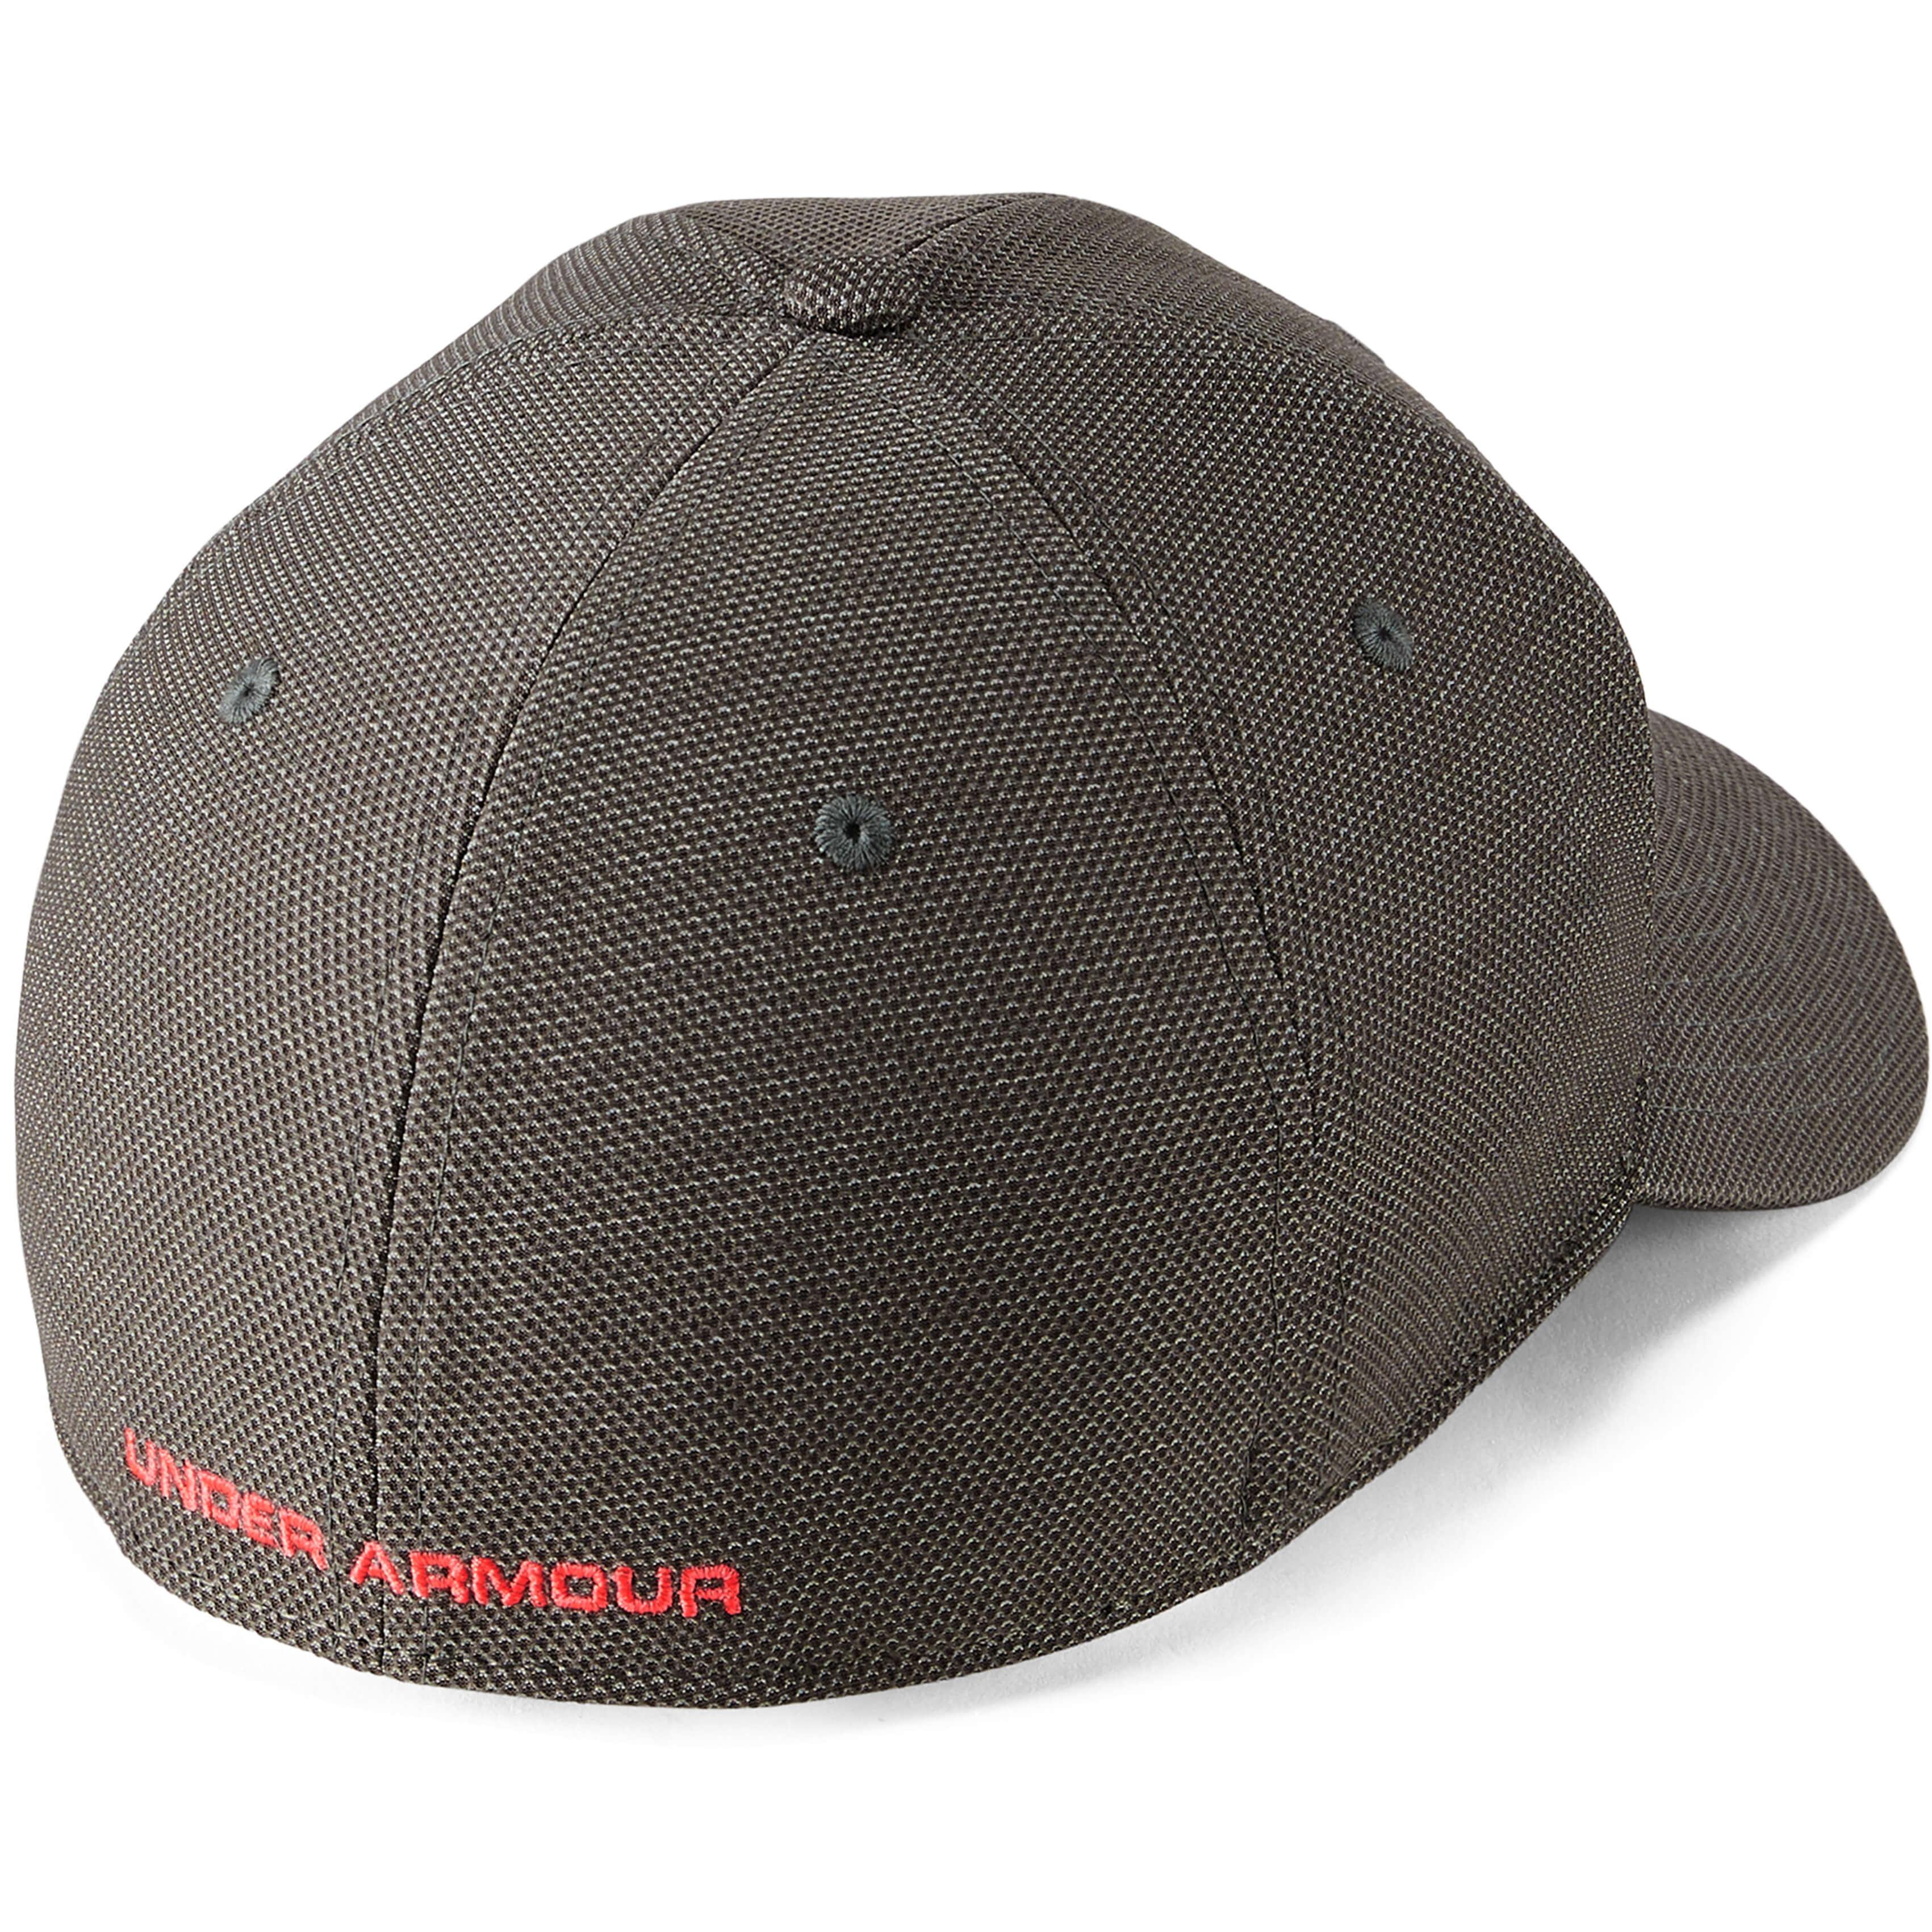 Under-Armour-Gris-Blitzing-3-0-Golf-HeatGear-Coupe-Extensible-Chapeau-Bonnet miniature 5